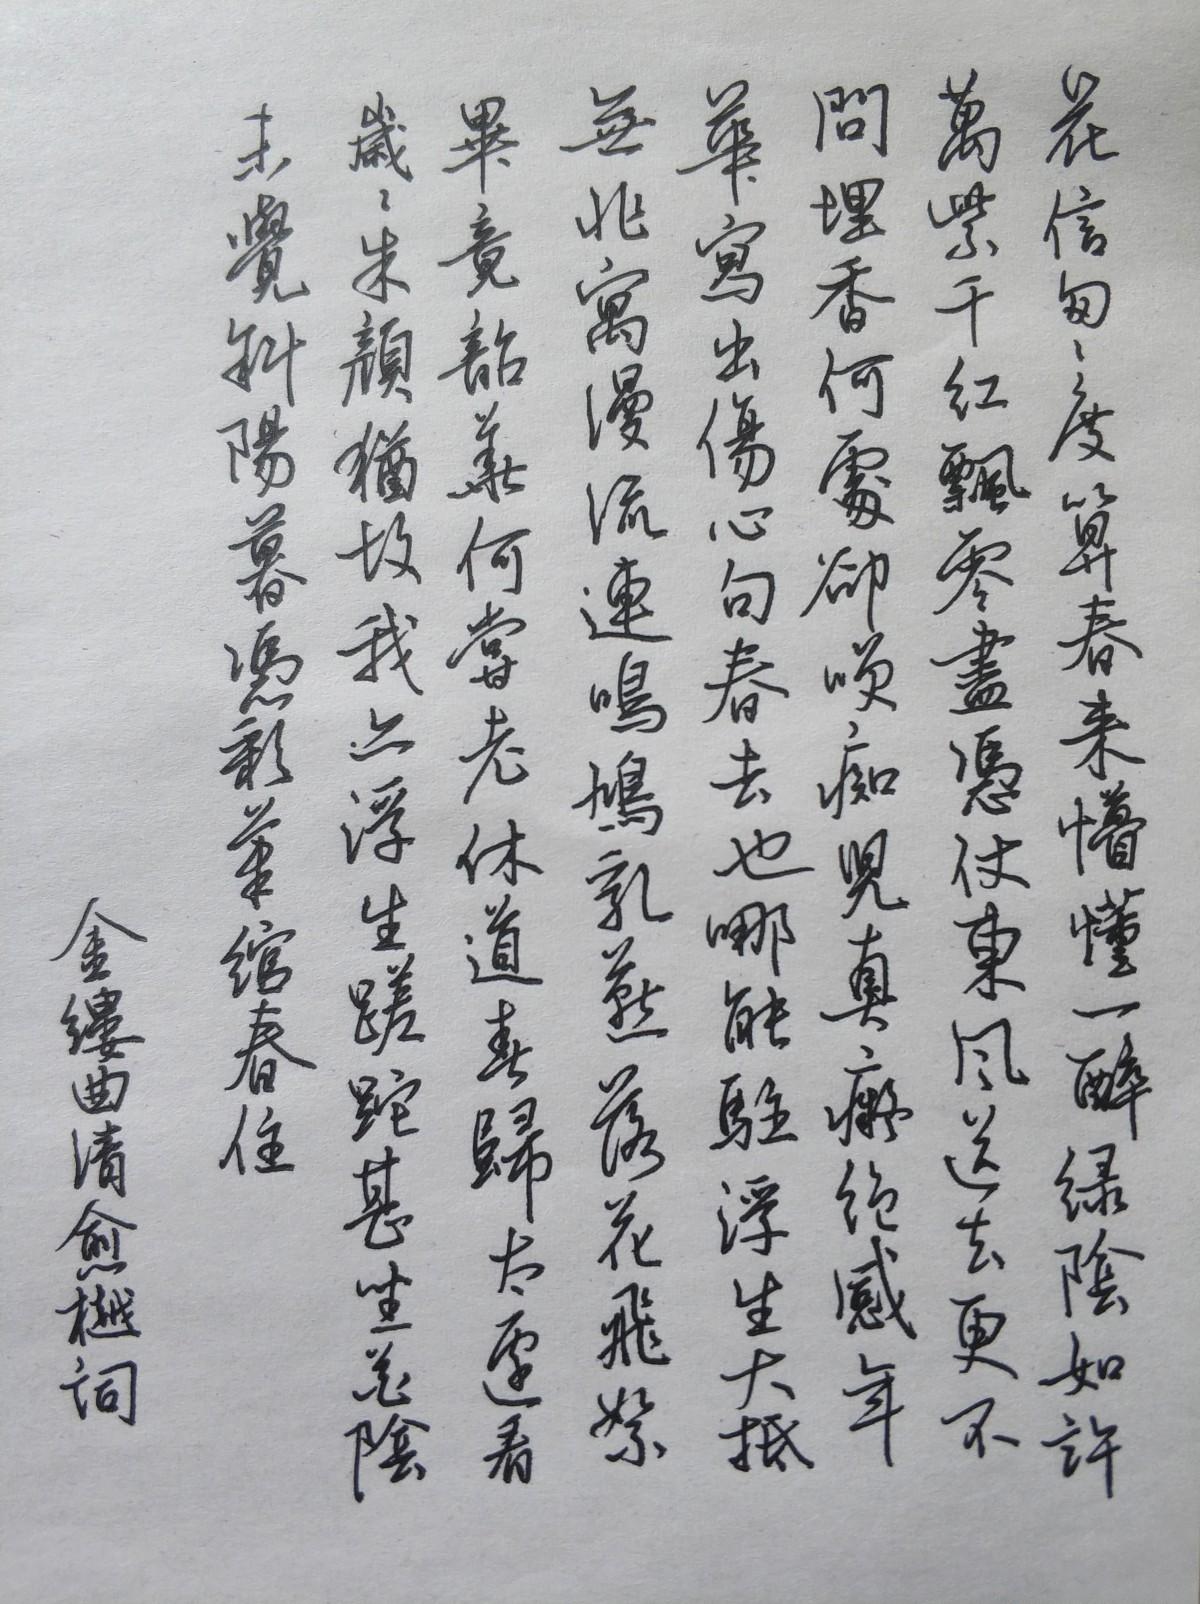 钢笔书法练字打卡20210810-15